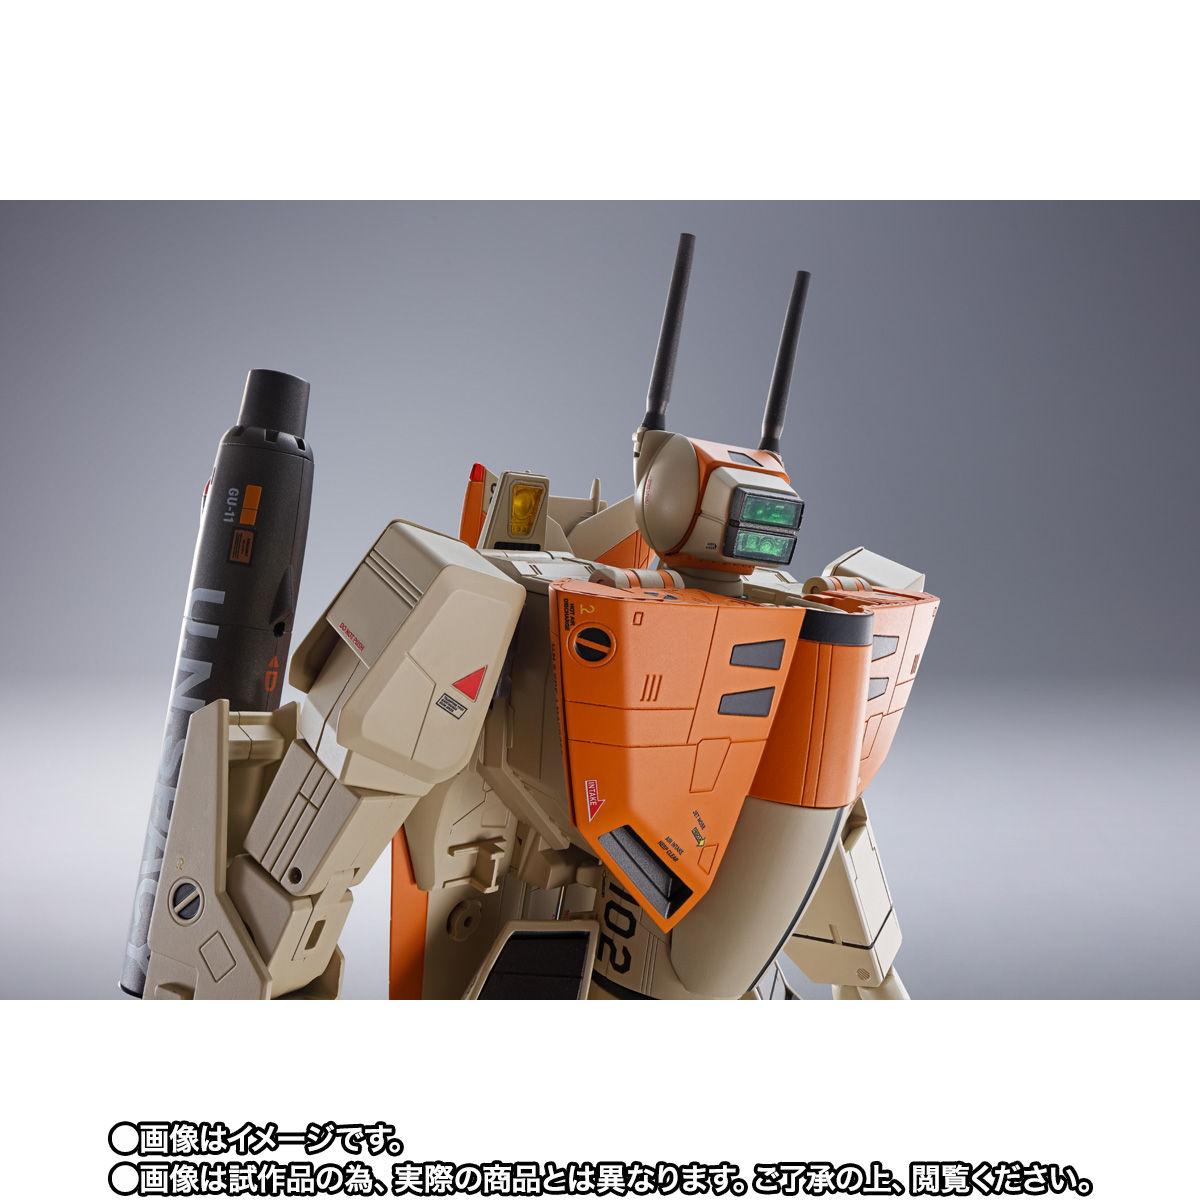 【限定販売】DX超合金『VF-1D バルキリー&ファン・レーサー』超時空要塞マクロス 可変可動フィギュア-003